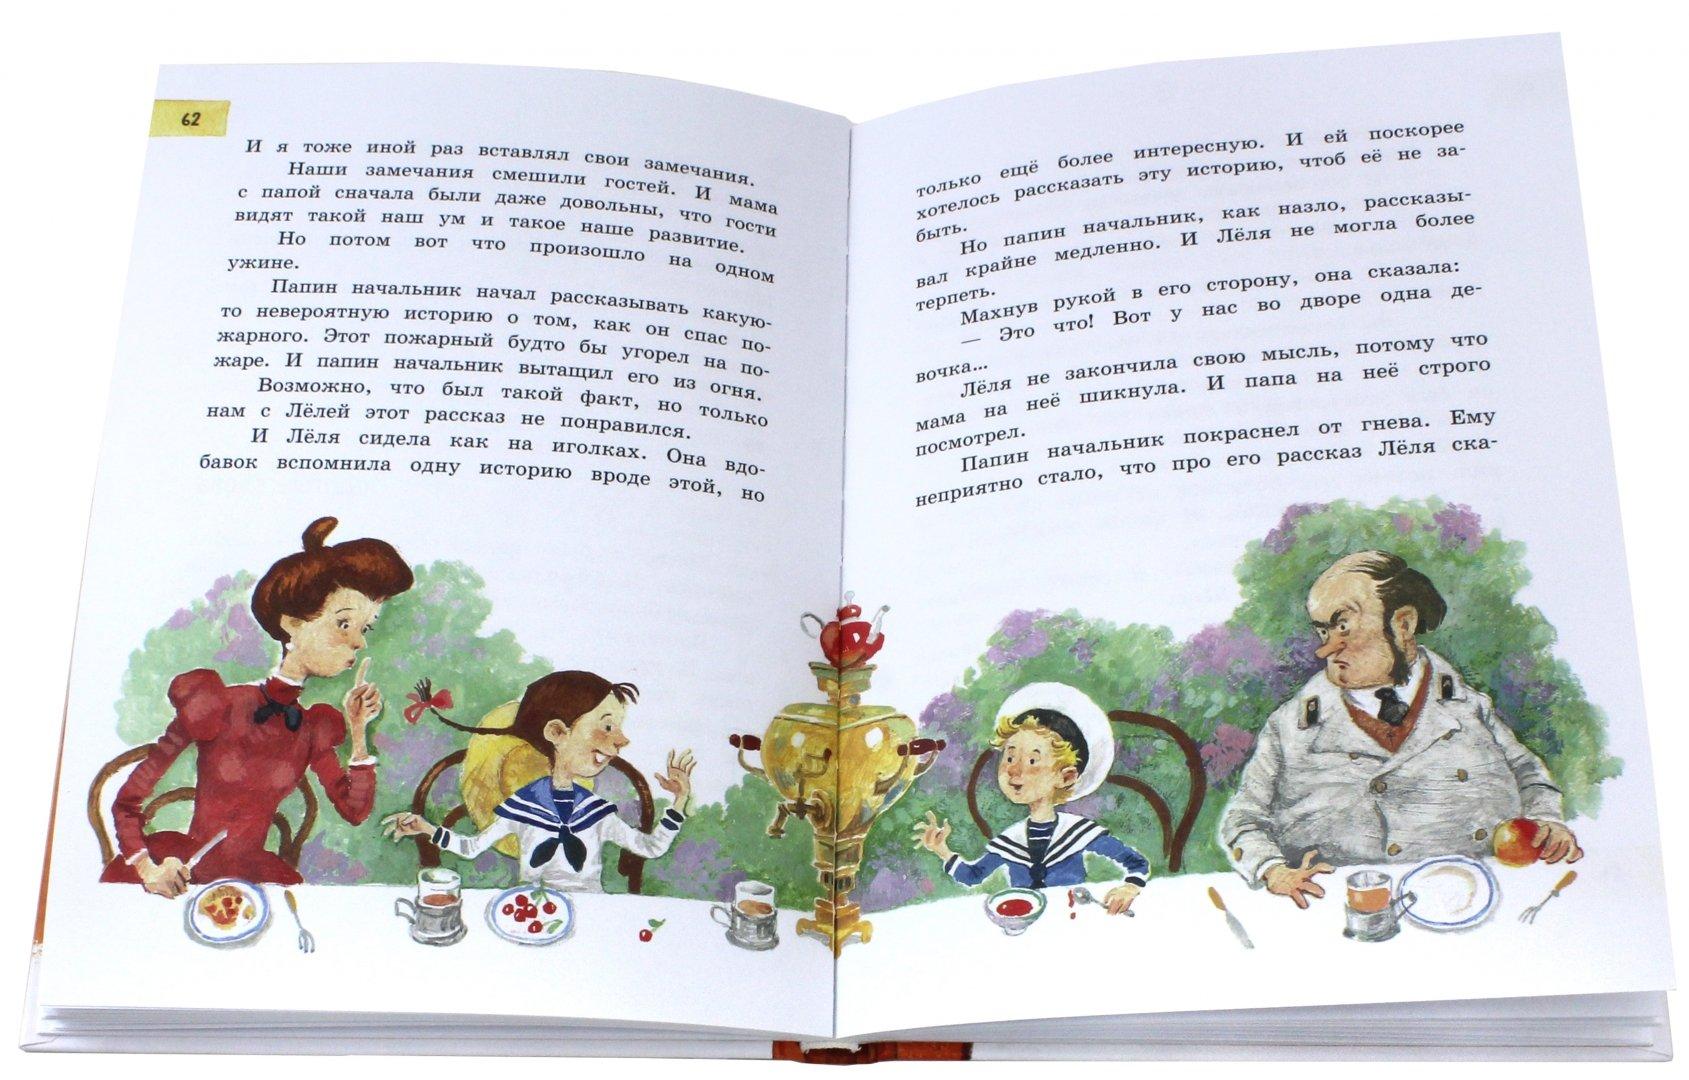 Иллюстрация 1 из 50 для Друзья-приятели. Леля, Минька и другие - Михаил Зощенко | Лабиринт - книги. Источник: Лабиринт